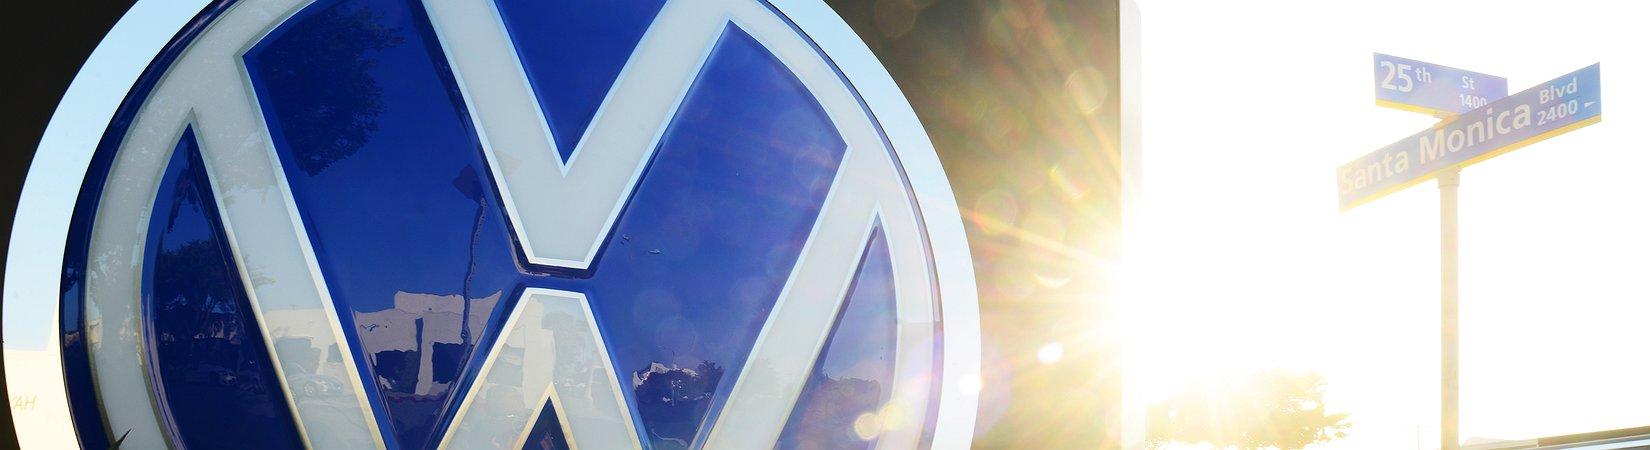 Fiat va in asta di volatilità dopo le voci di un acquisto da parte di Volkswagen